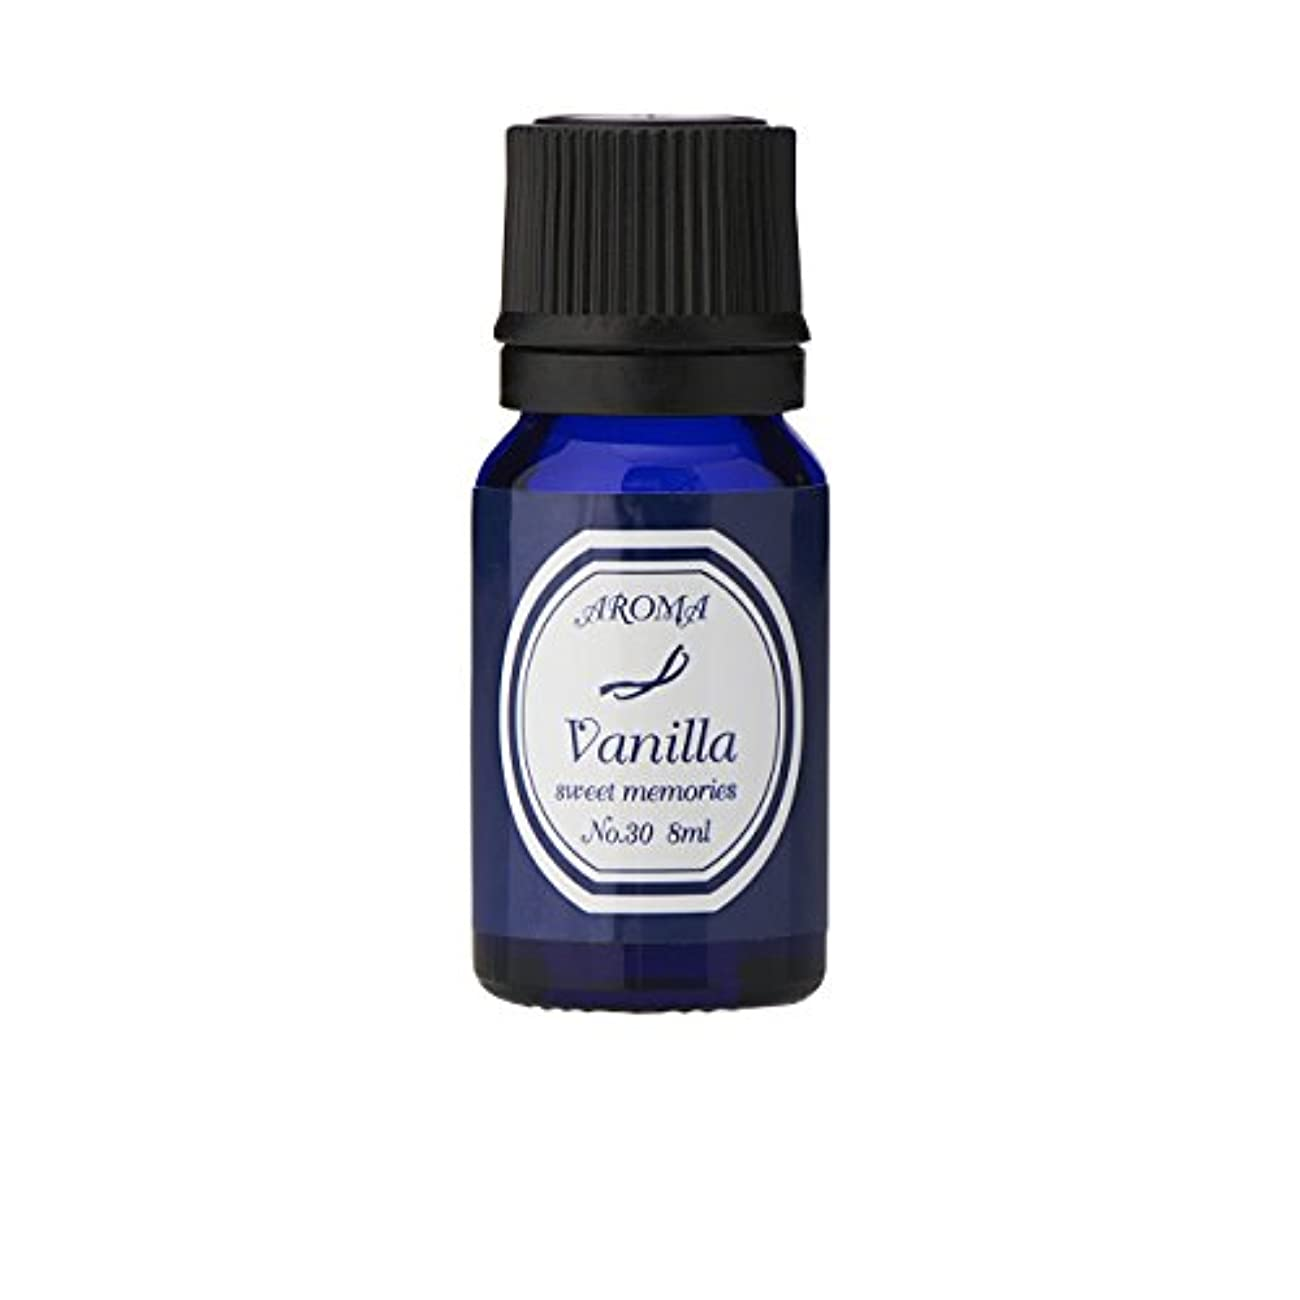 ボイラー櫛クッションブルーラベル アロマエッセンス8ml バニラ(アロマオイル 調合香料 芳香用)